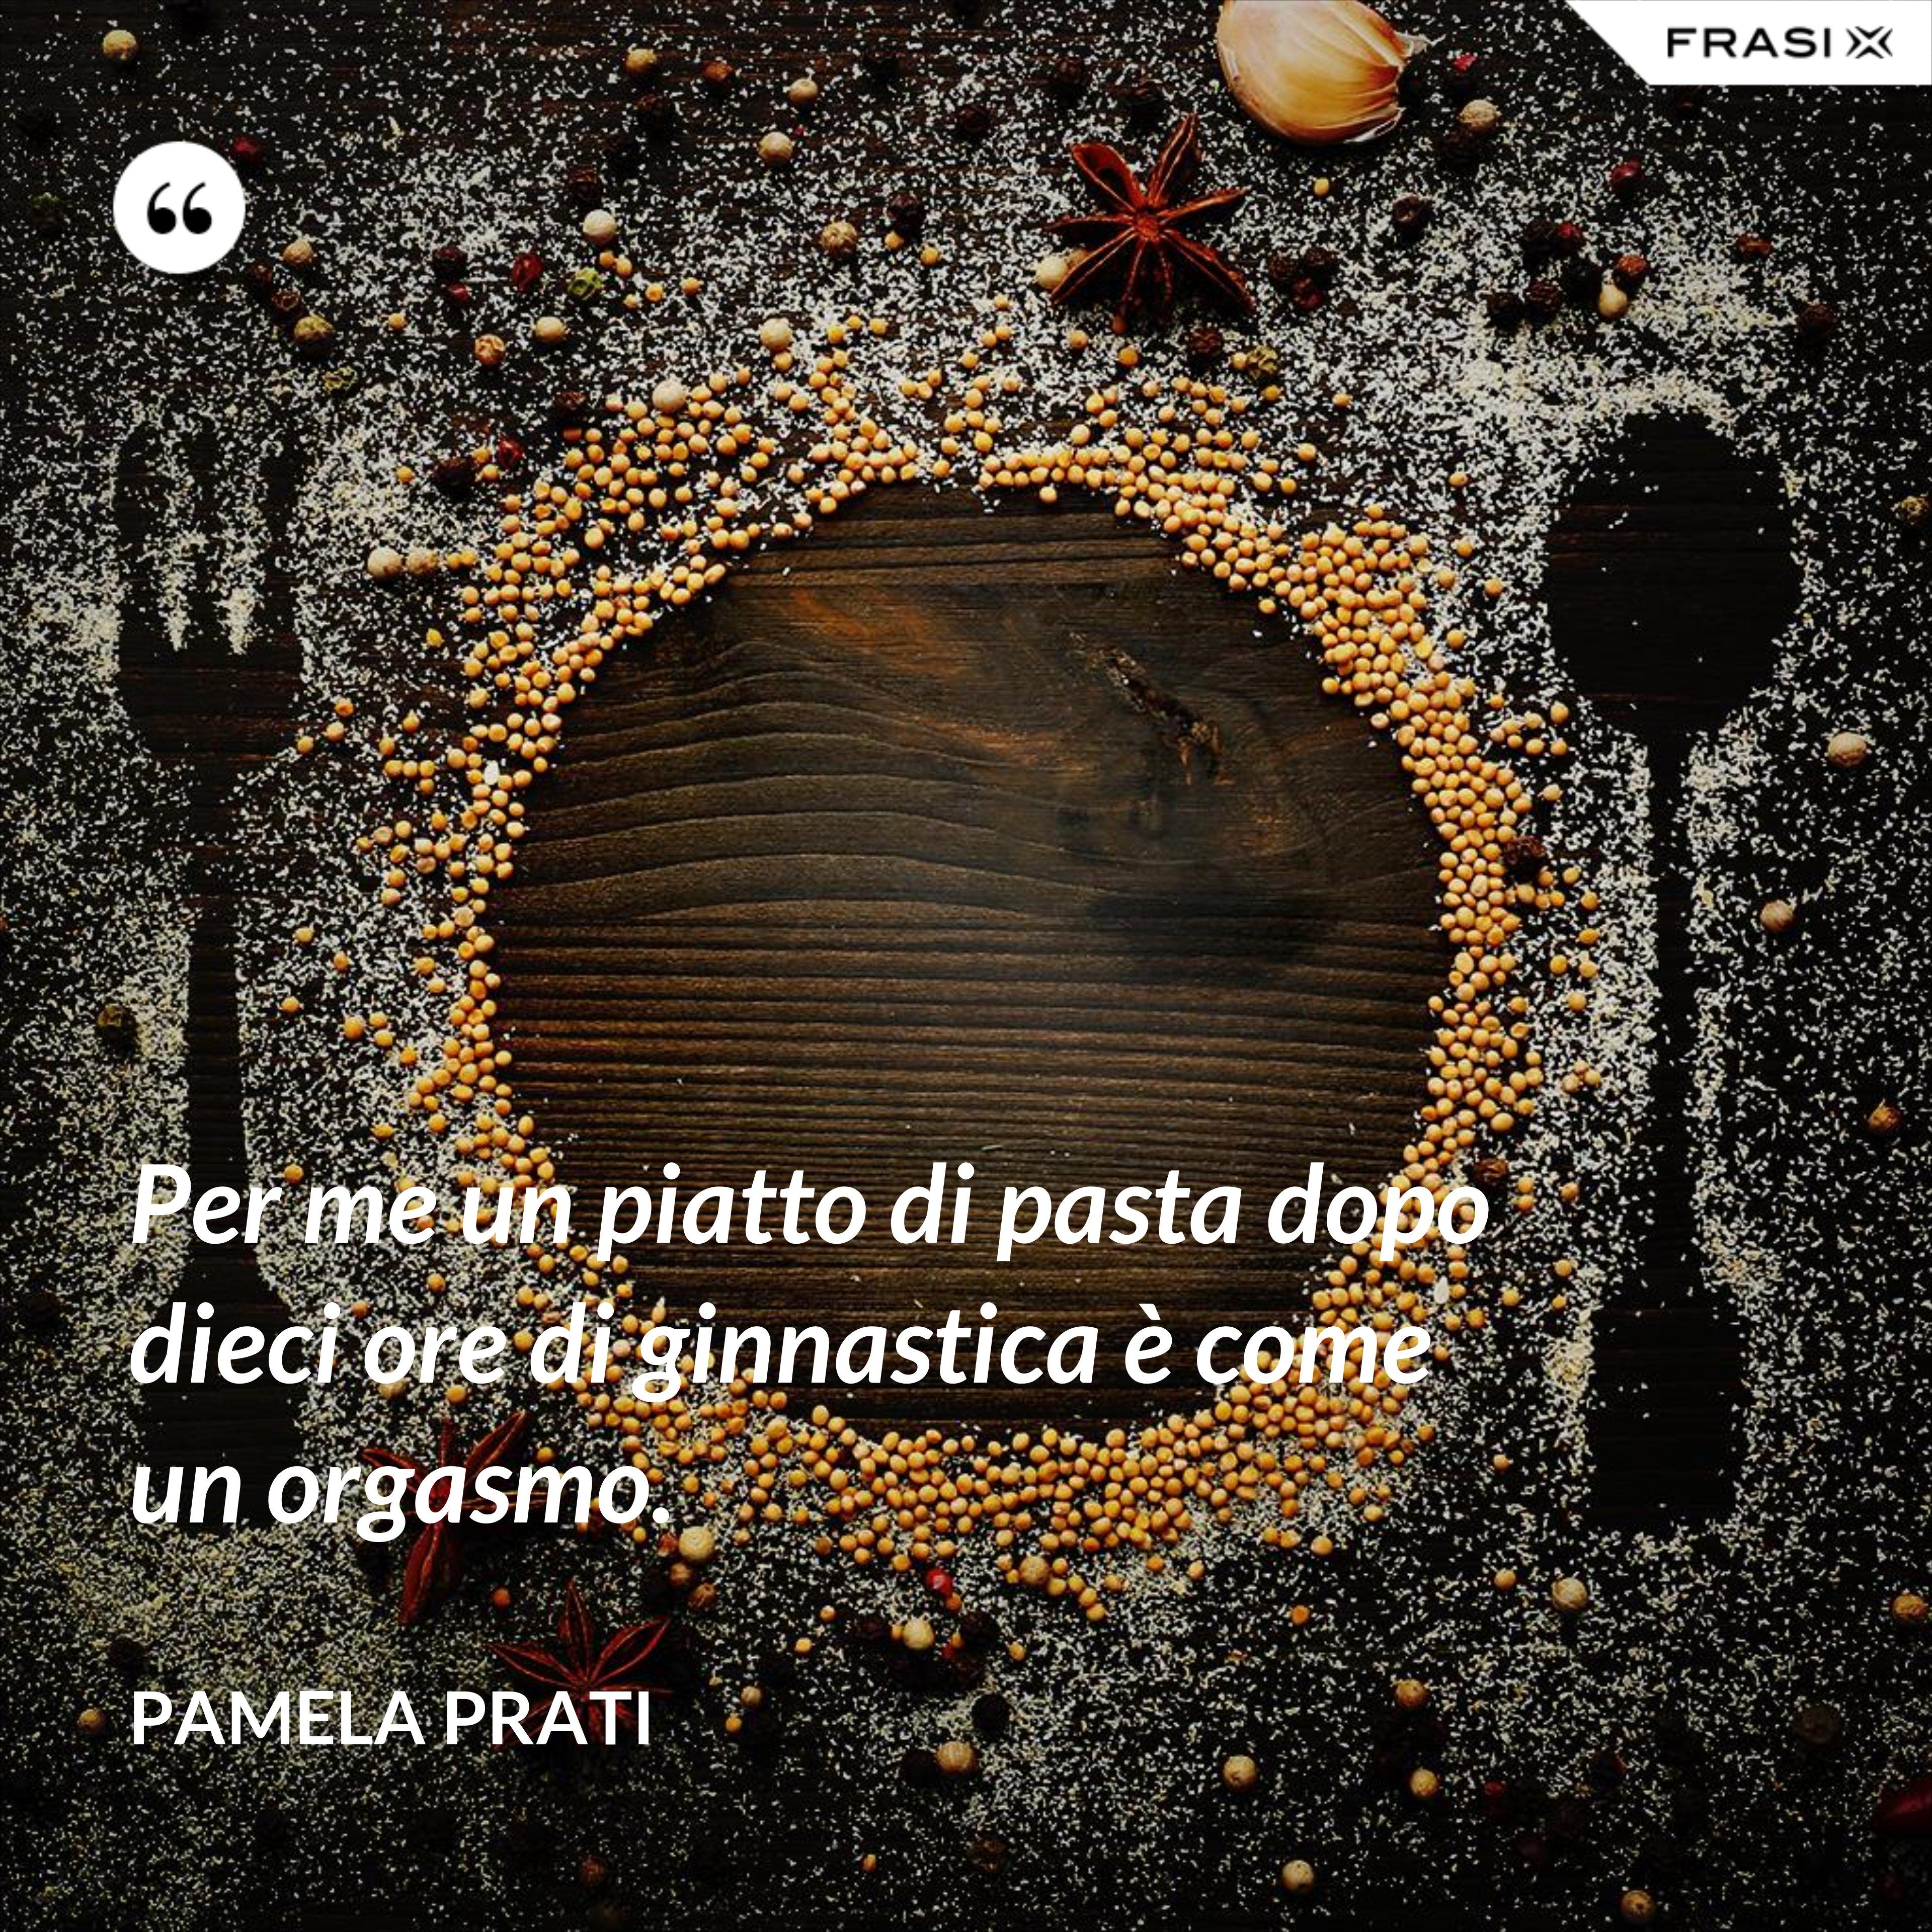 Per me un piatto di pasta dopo dieci ore di ginnastica è come un orgasmo. - Pamela Prati